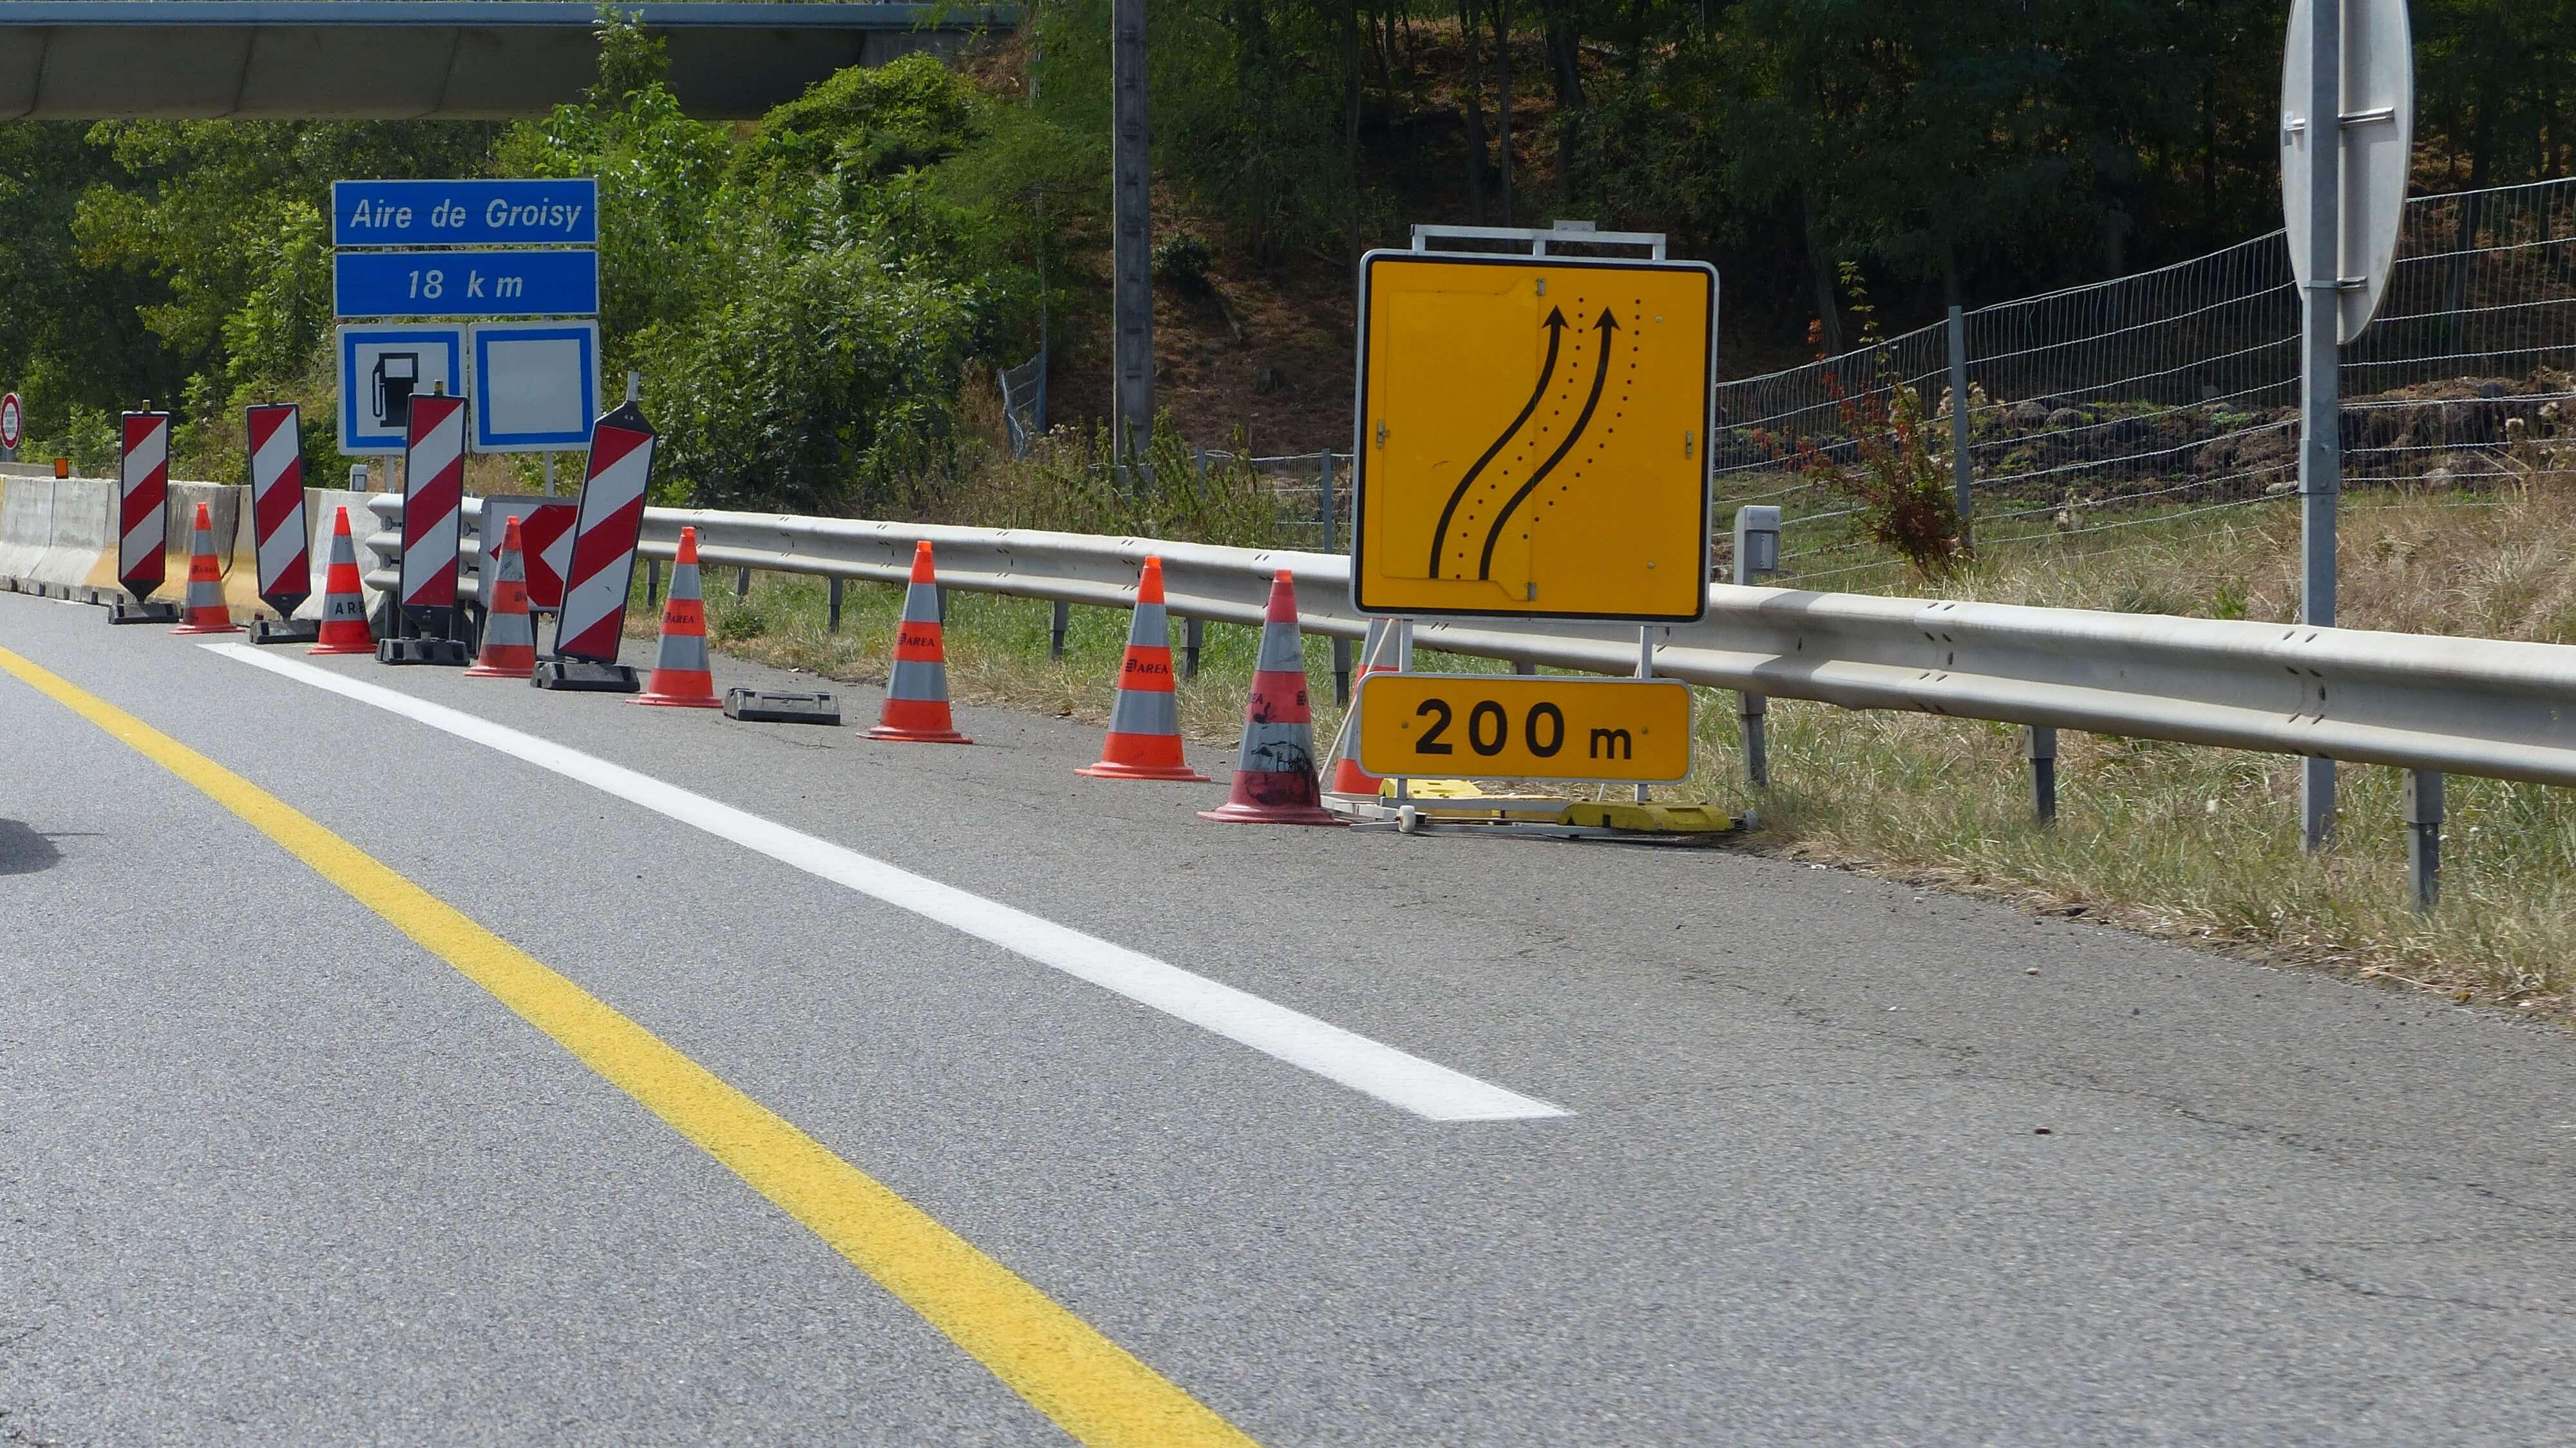 signalisation-temporaire-travaux